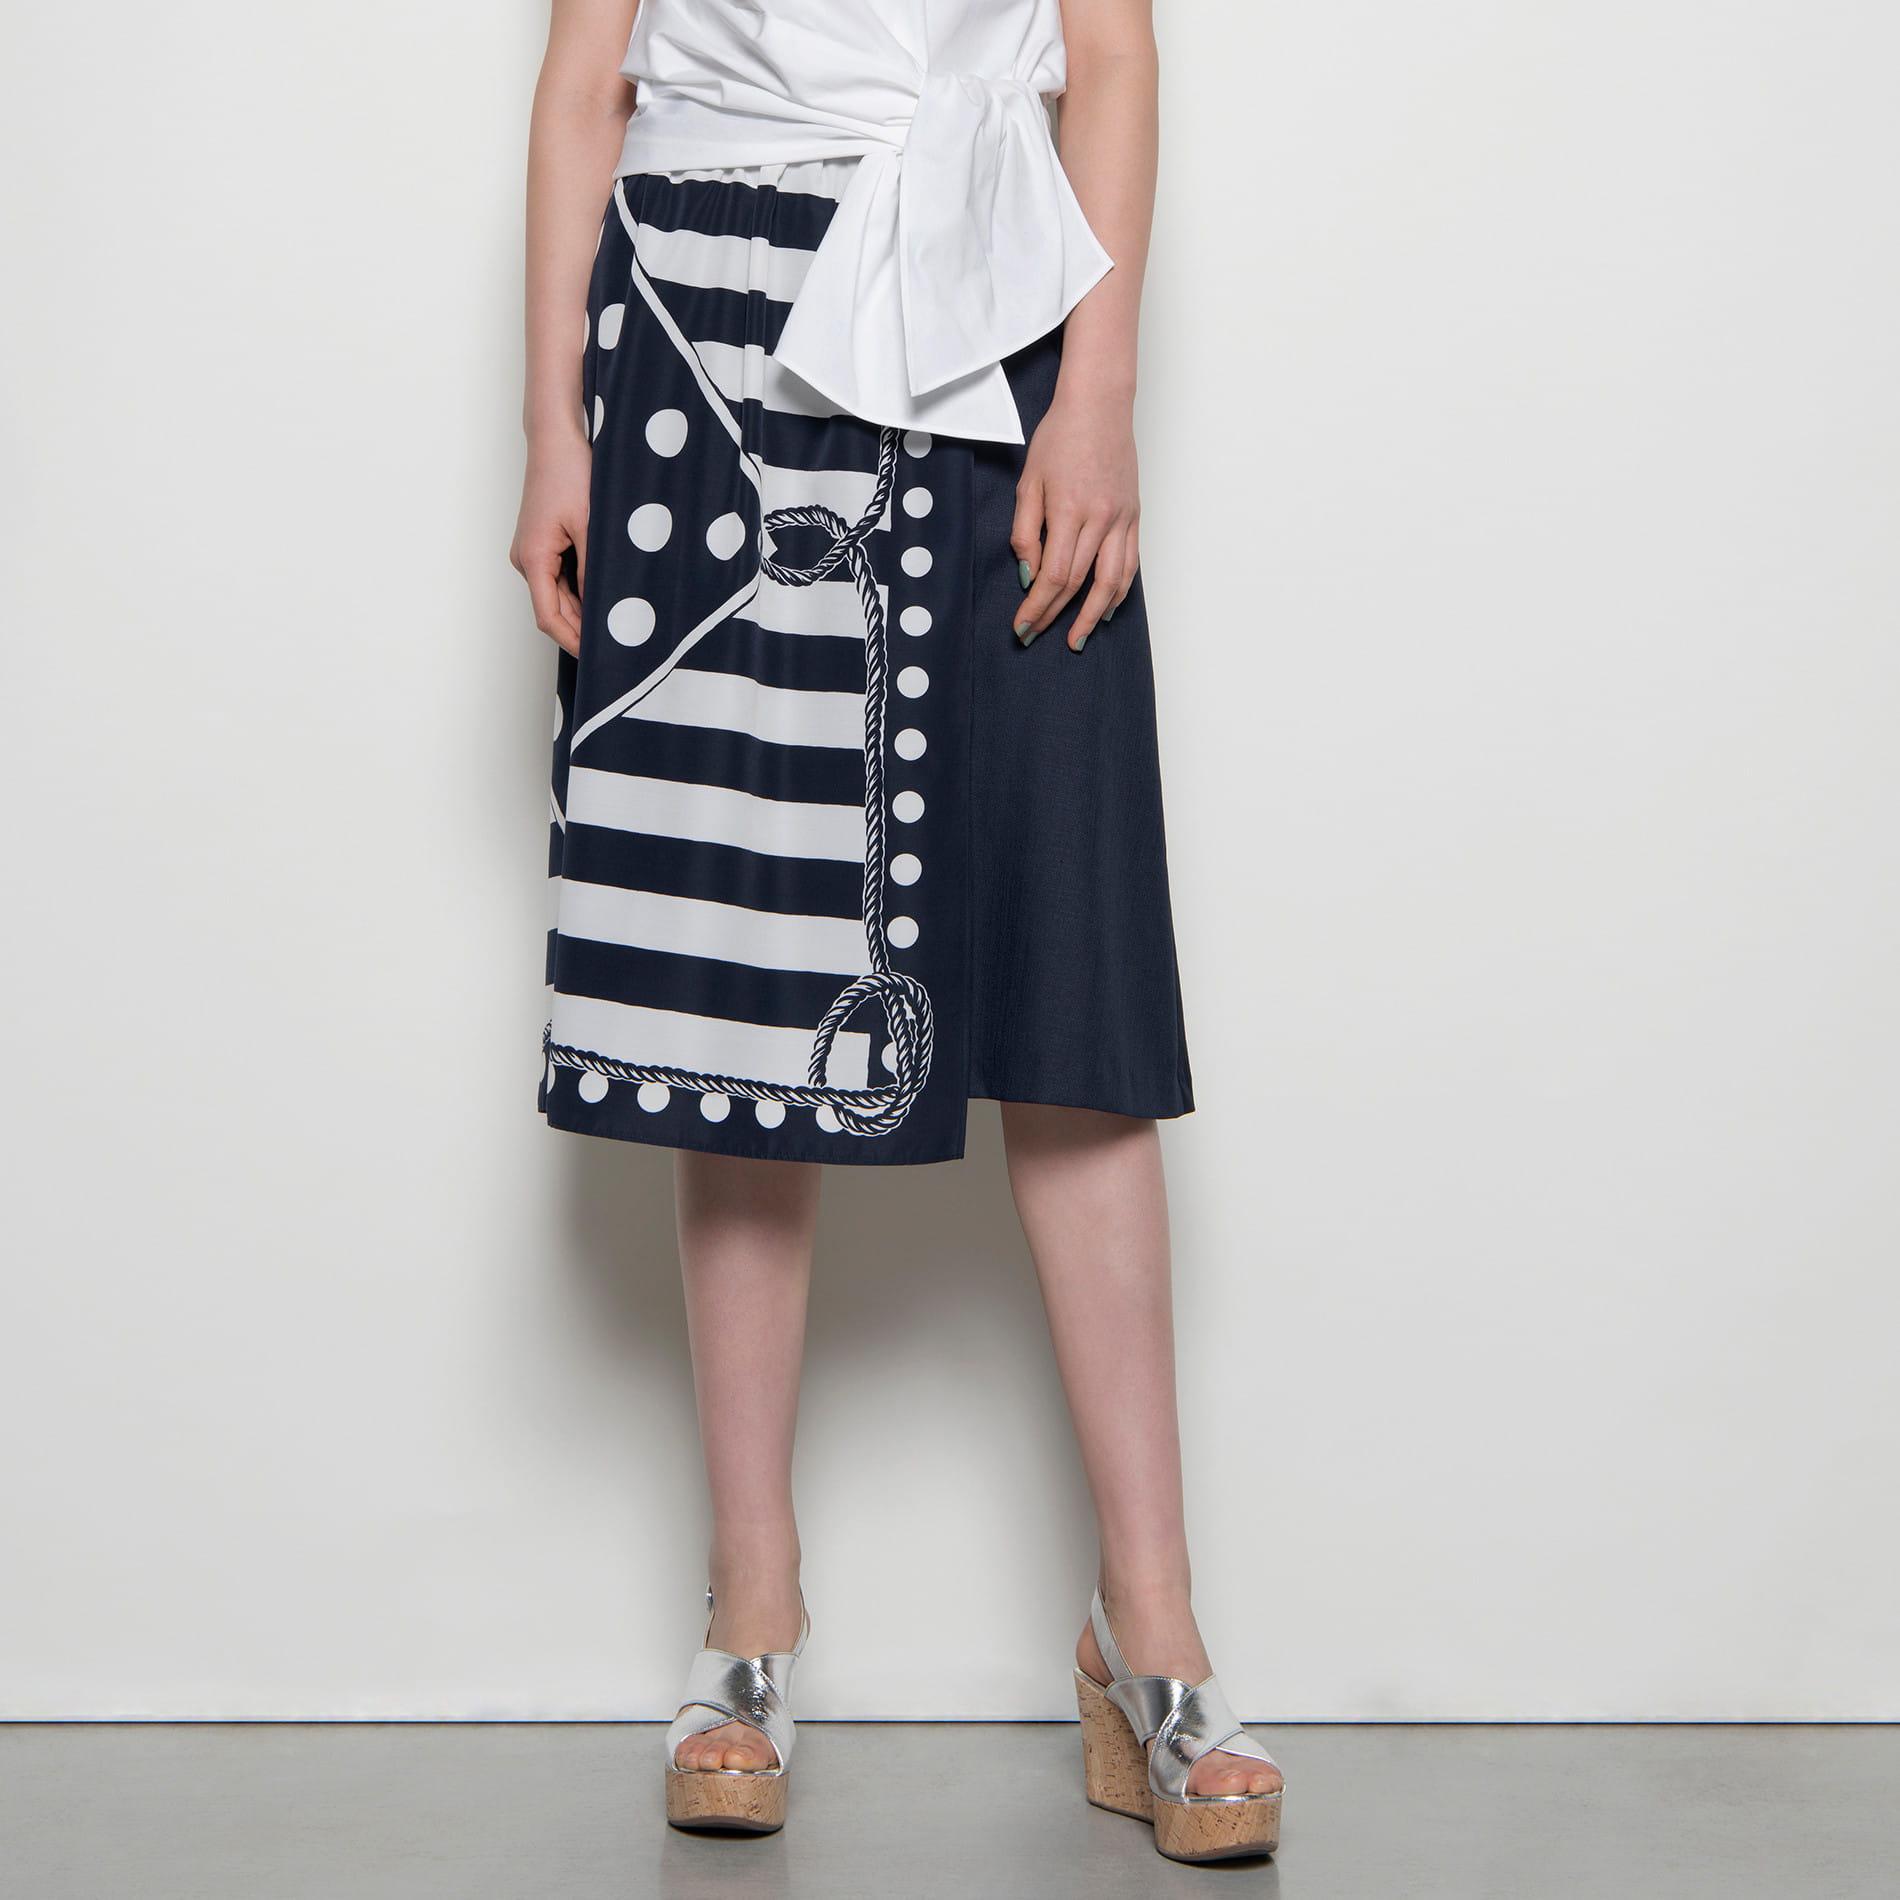 【E_EPOCA THE SHOP】マリンプリントスカート